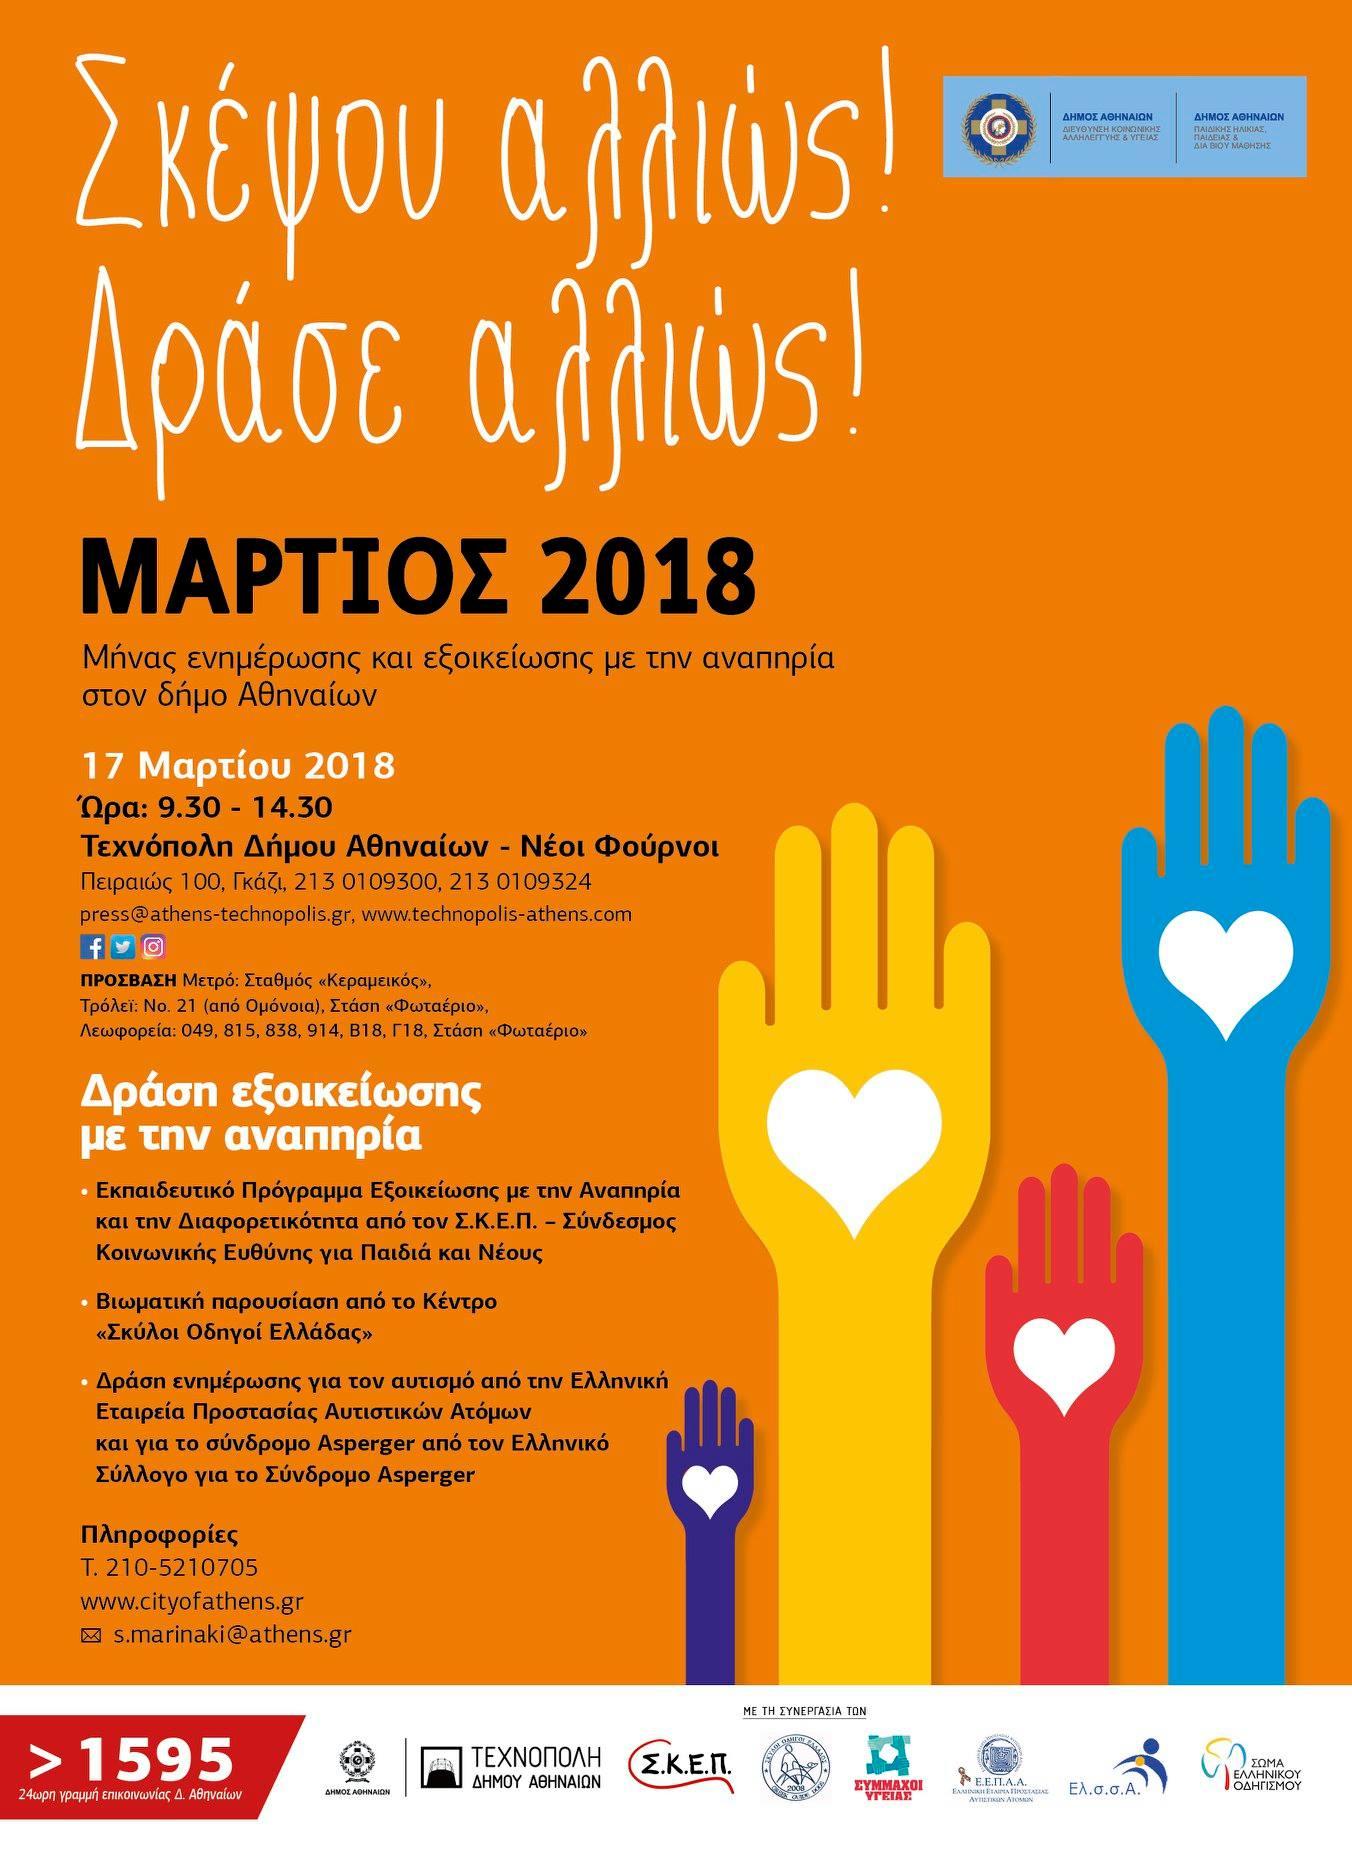 Σκέψου Αλλιώς! Δράσε Αλλιώς! Μάρτιος - Μήνας Ευαισθητοποίησης: Δήμος Αθηναίων, 18/03/2018.